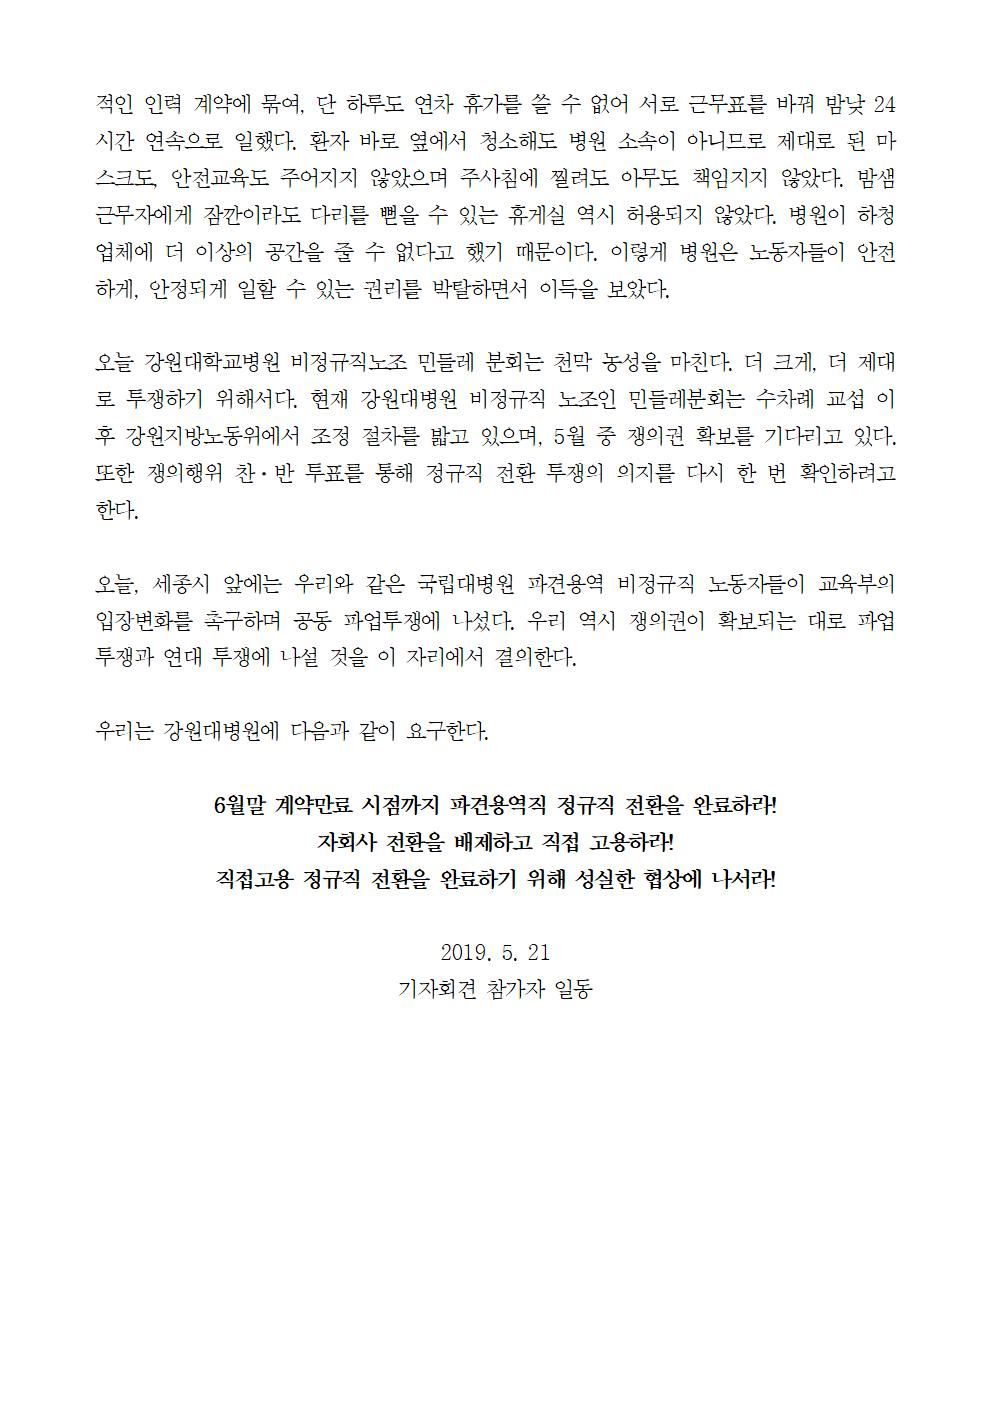 20190521_[보도자료]_강원대병원_민들레분회_조정신청_공동투쟁005.jpg